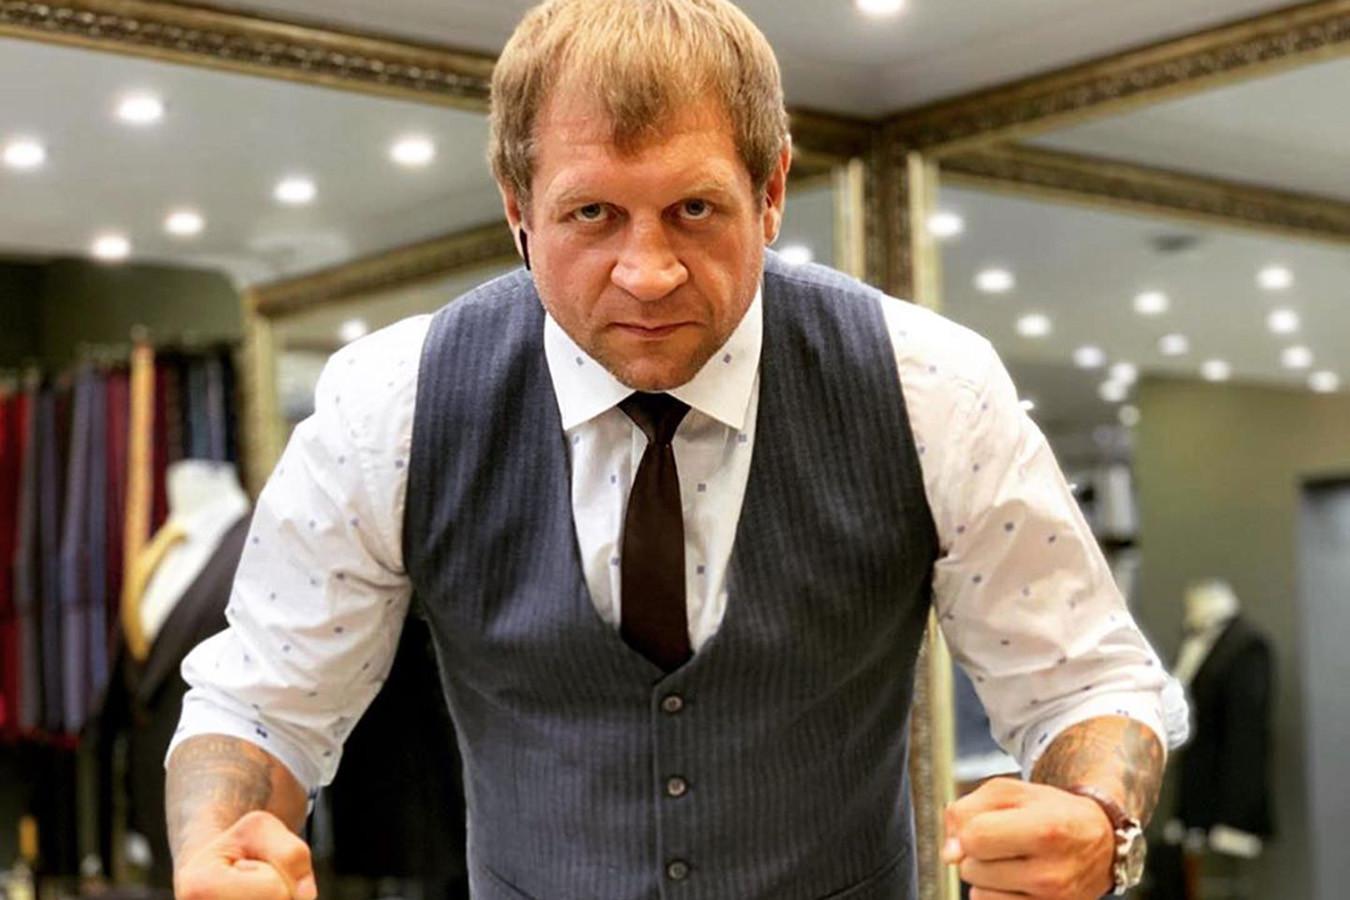 Александр Емельяненко: однажды позвонил Фёдору. У него истерика началась